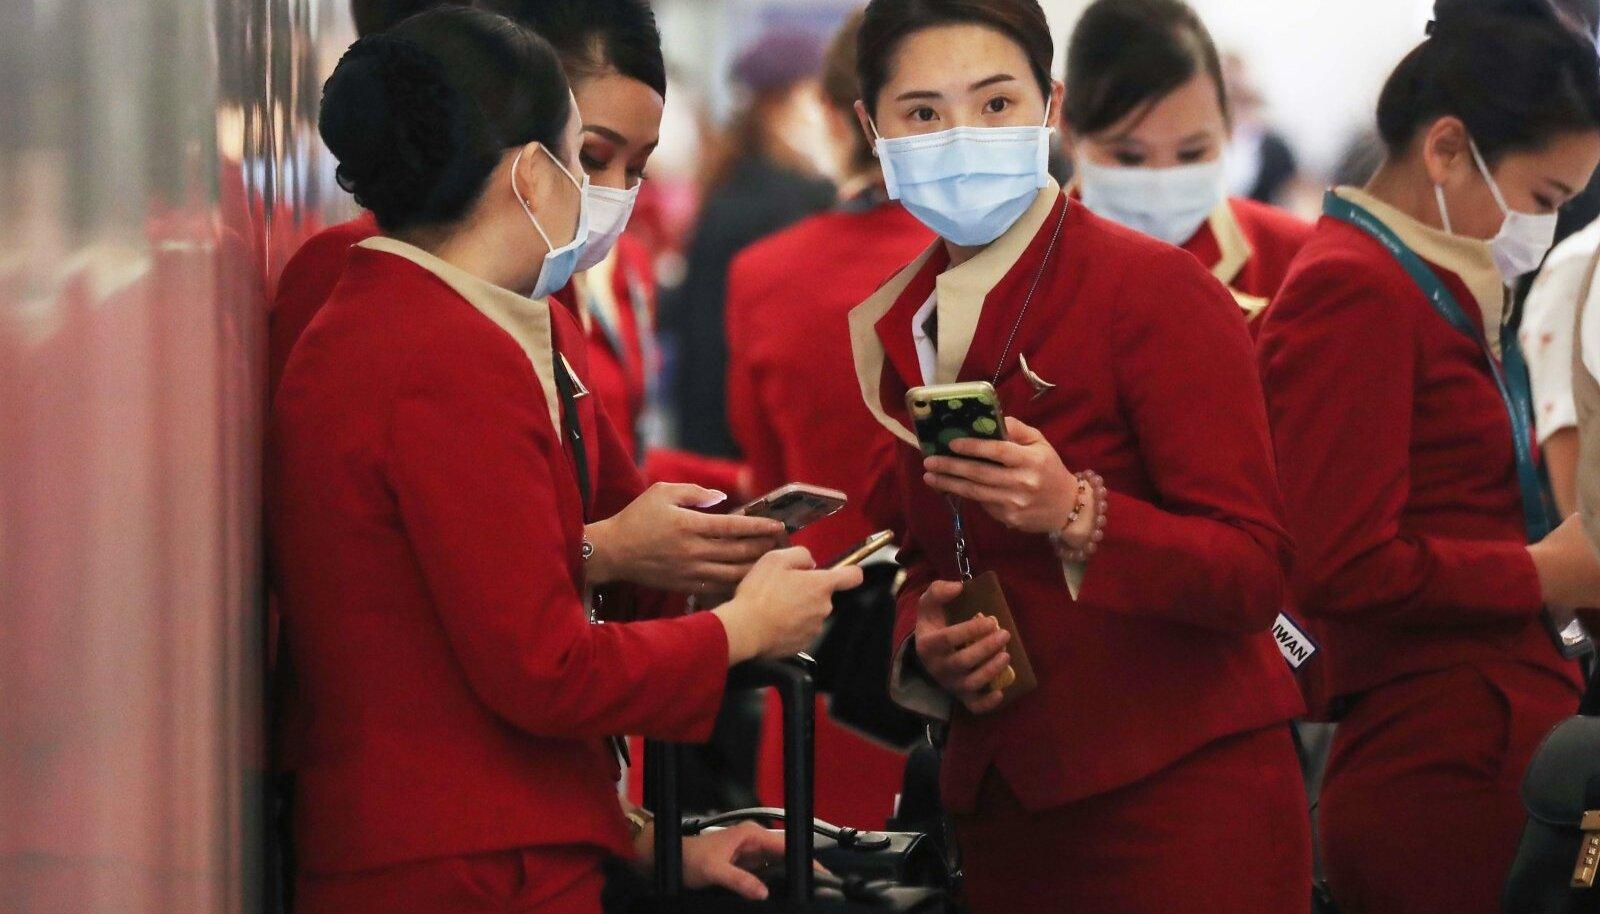 TÖÖHÄIRE: Cathay Pacificu reissaatjad 28. veebruaril Los angelese lennujaamas.